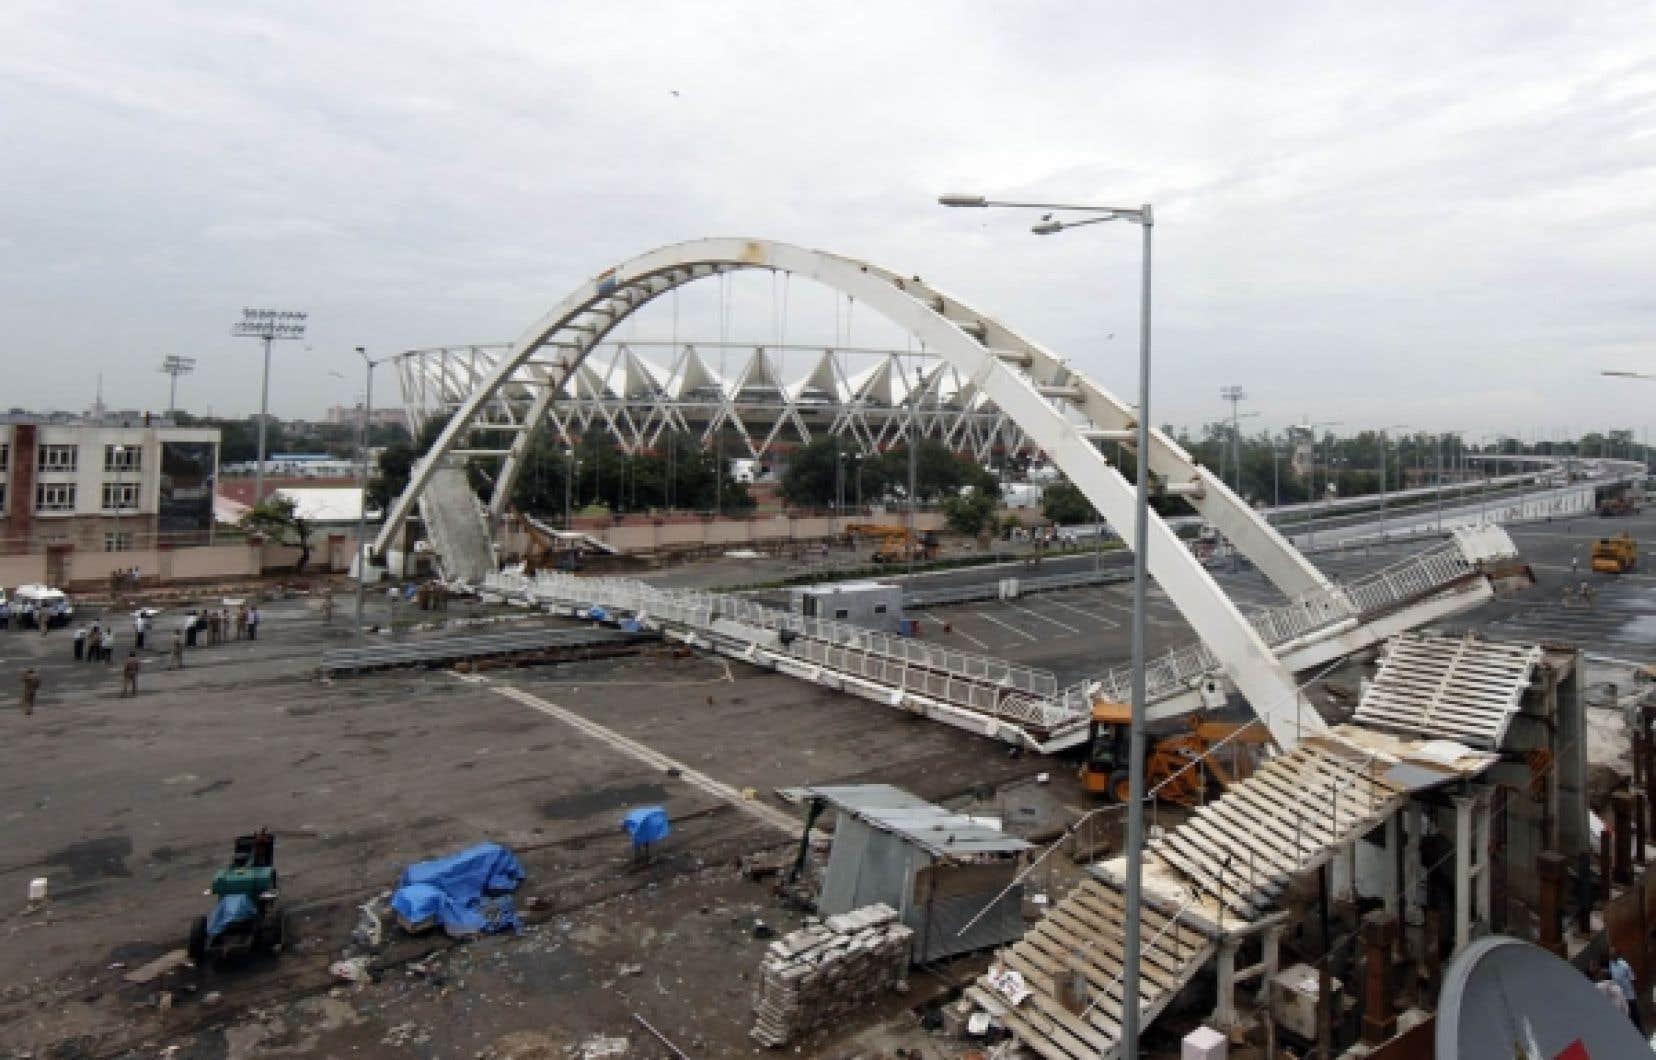 Les Jeux du Commonwealth, censés être la vitrine de l'Inde moderne, sont en pleine crise à 12 jours du coup d'envoi, après l'effondrement hier d'un pont près d'un stade à New Delhi. Les commentaires désastreux d'équipes concernant le village sportif font aussi jaser.<br />